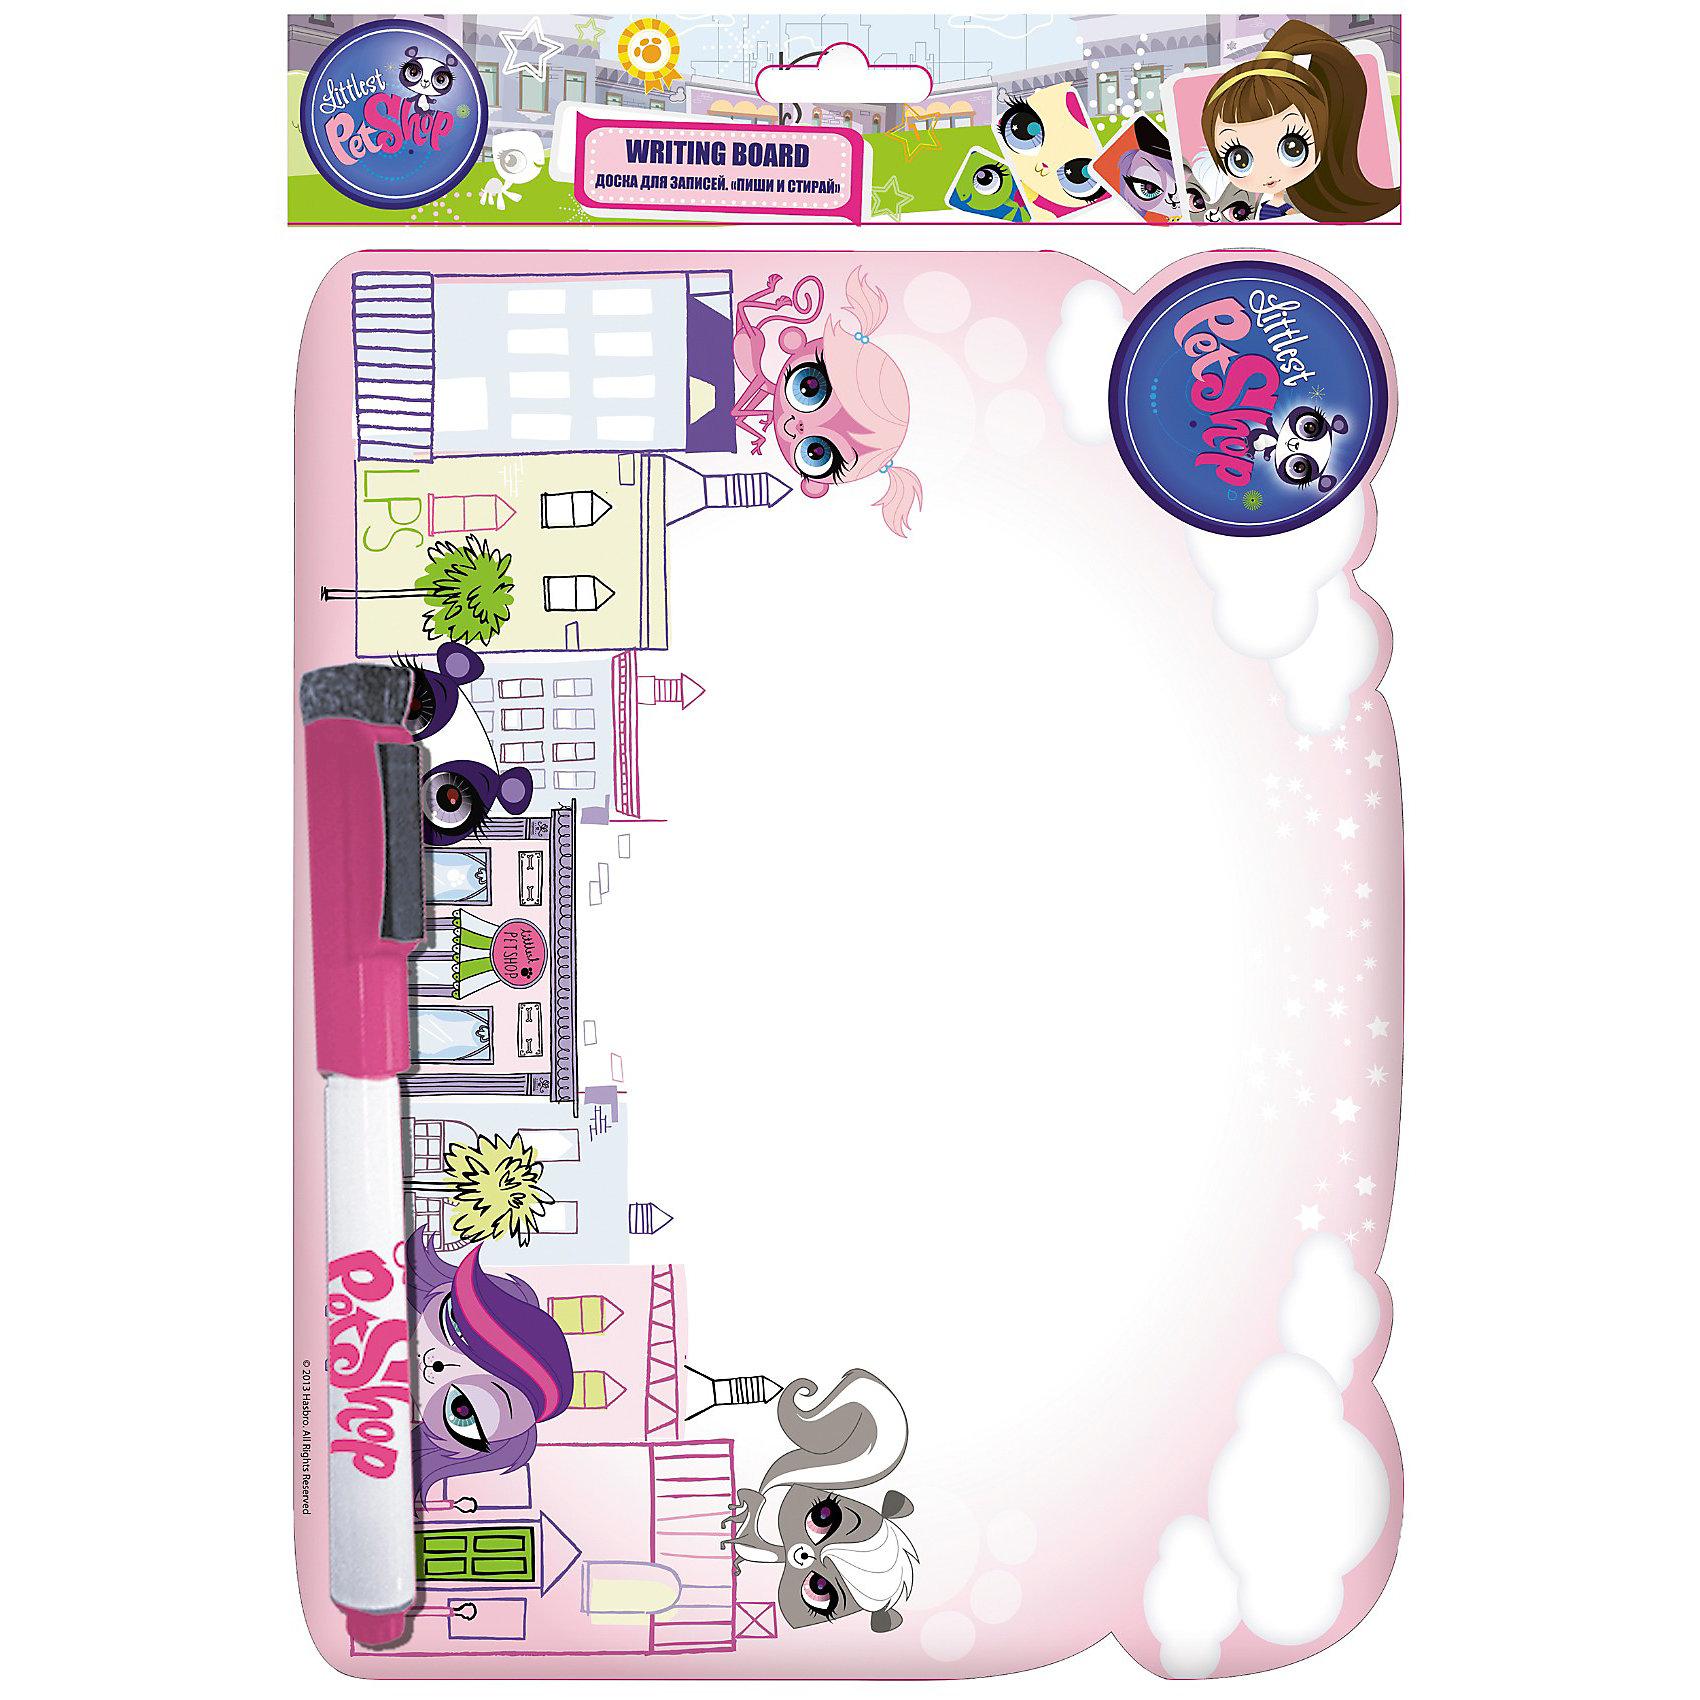 Доска Пиши-стирай малая на магнитах, Littlest Pet ShopДоска Пиши-стирай малая на магнитах для крепления на холодильник с изображением Littlest Pet Shop станет приятным и удобным аксессуаром для рисования Вашего ребенка! В наборе: маркер, ластик, магнит. <br><br>Дополнительная информация:<br><br>- на веревочке.<br>- размер 21 х 27 х 2,5 см.<br><br>Подарит радость творчества! <br><br>Доску Пиши-стирай малую на магнитах, Littlest Pet Shop можно купить в нашем магазине.<br><br>Ширина мм: 210<br>Глубина мм: 270<br>Высота мм: 25<br>Вес г: 250<br>Возраст от месяцев: 48<br>Возраст до месяцев: 84<br>Пол: Женский<br>Возраст: Детский<br>SKU: 3562947